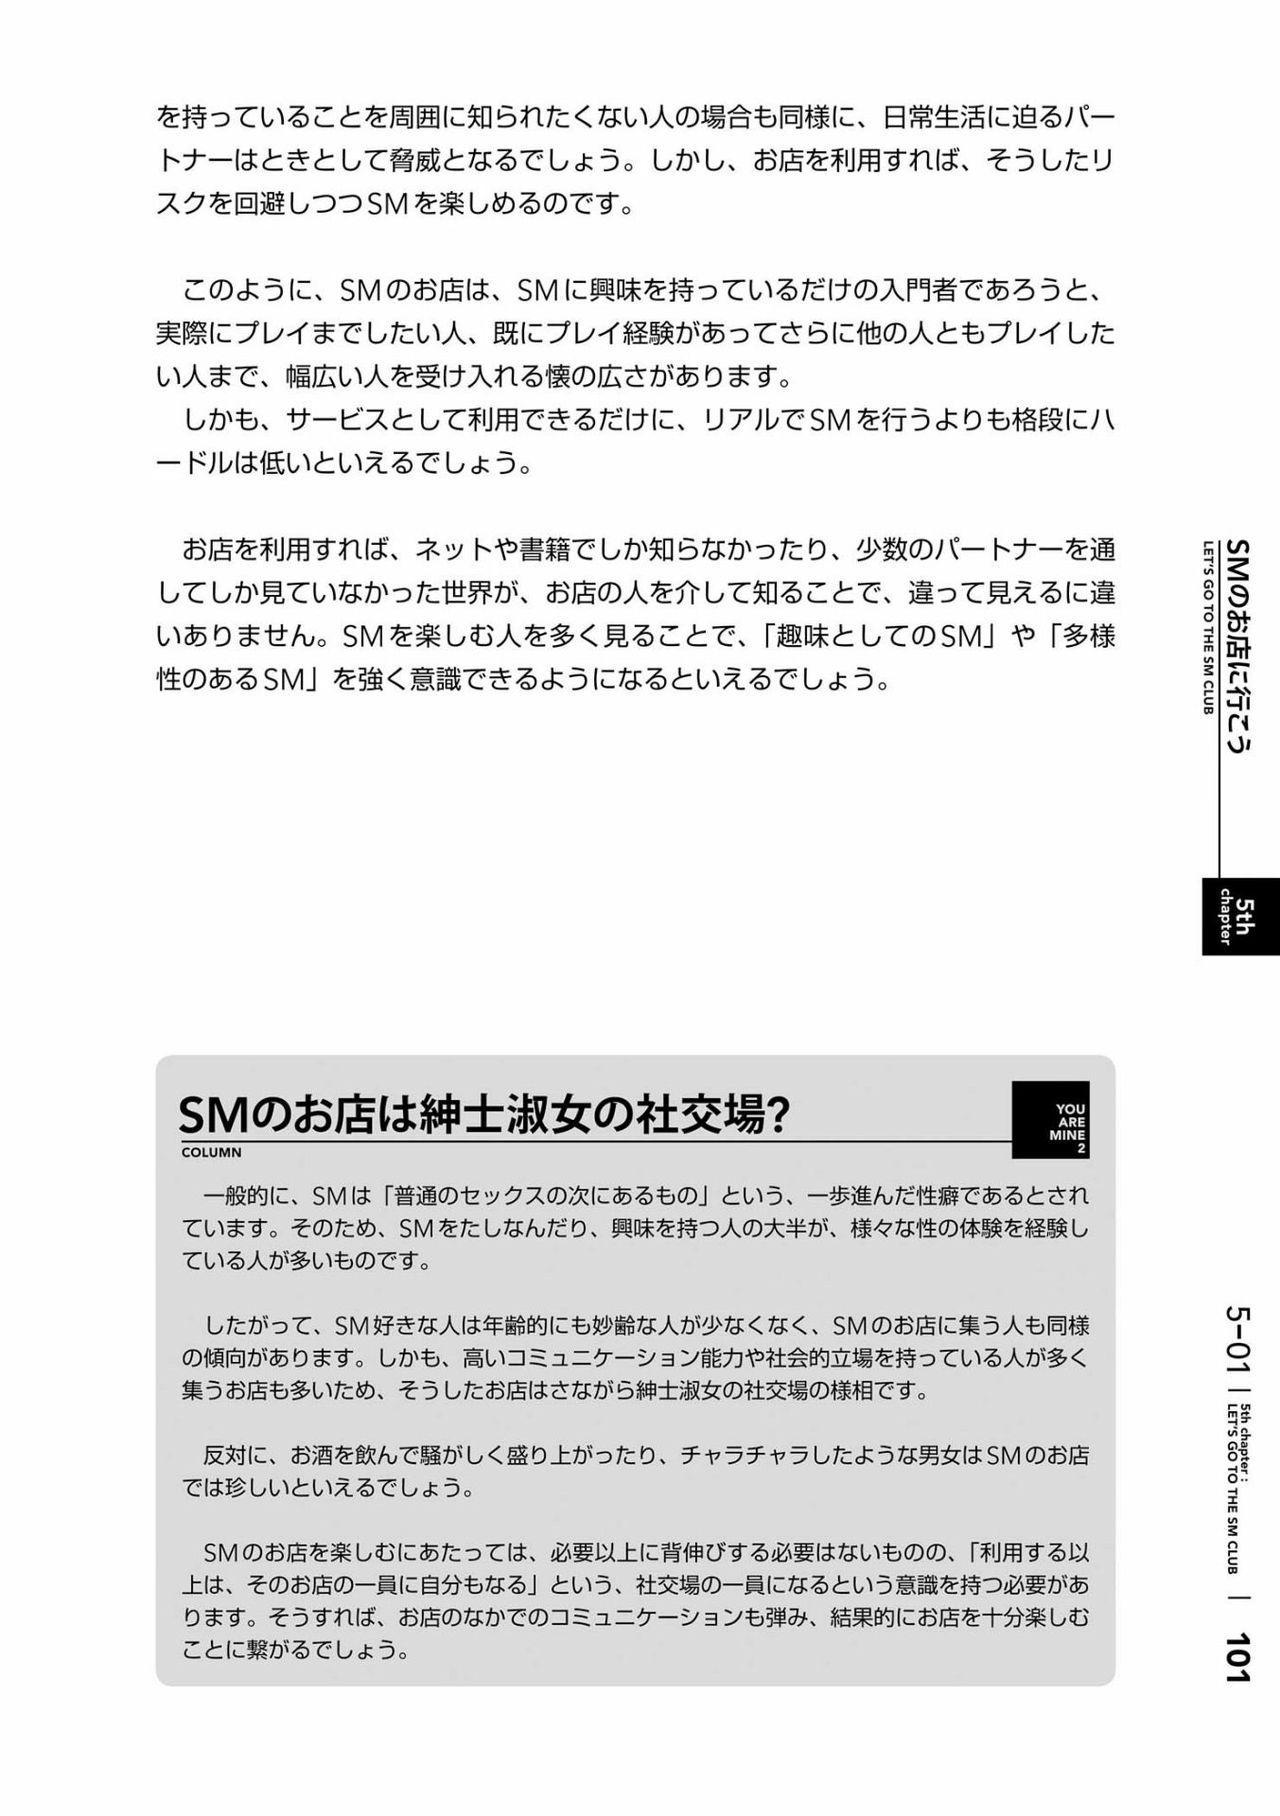 [Mitsuba] Karada mo Kokoro mo Boku no Mono ~Hajimete no SM Guide~ 2 [Digital] 103